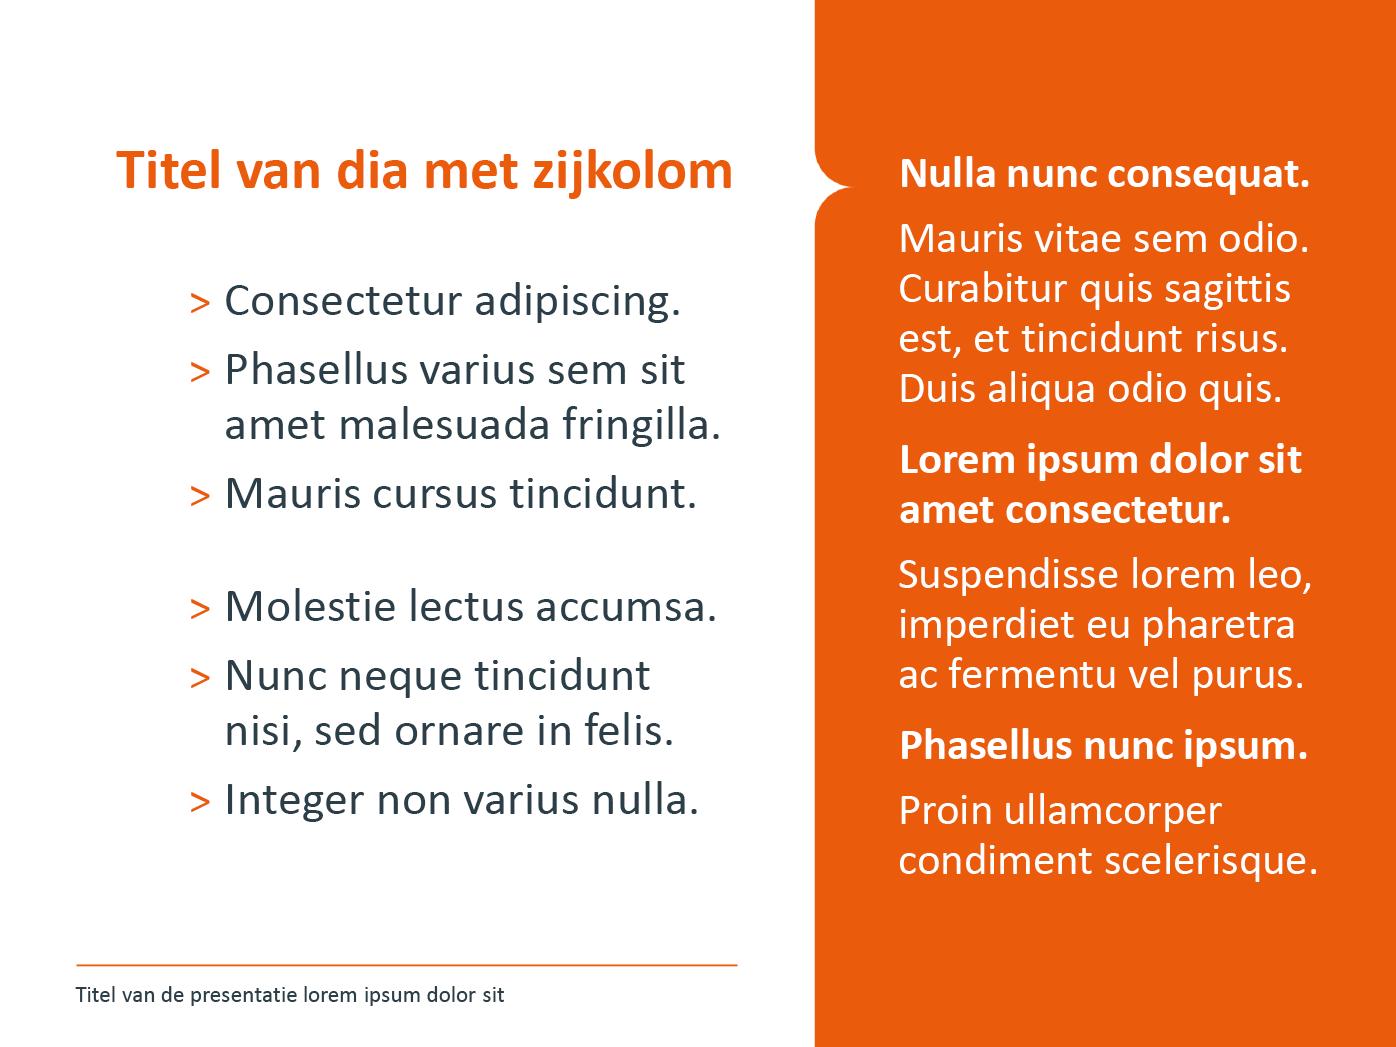 """Dia-type """"basisdia met zijkolom"""", gepersonaliseerd voor de submerken van het basisonderwijs. Powerpoint-sjabloon van de Stad Gent."""